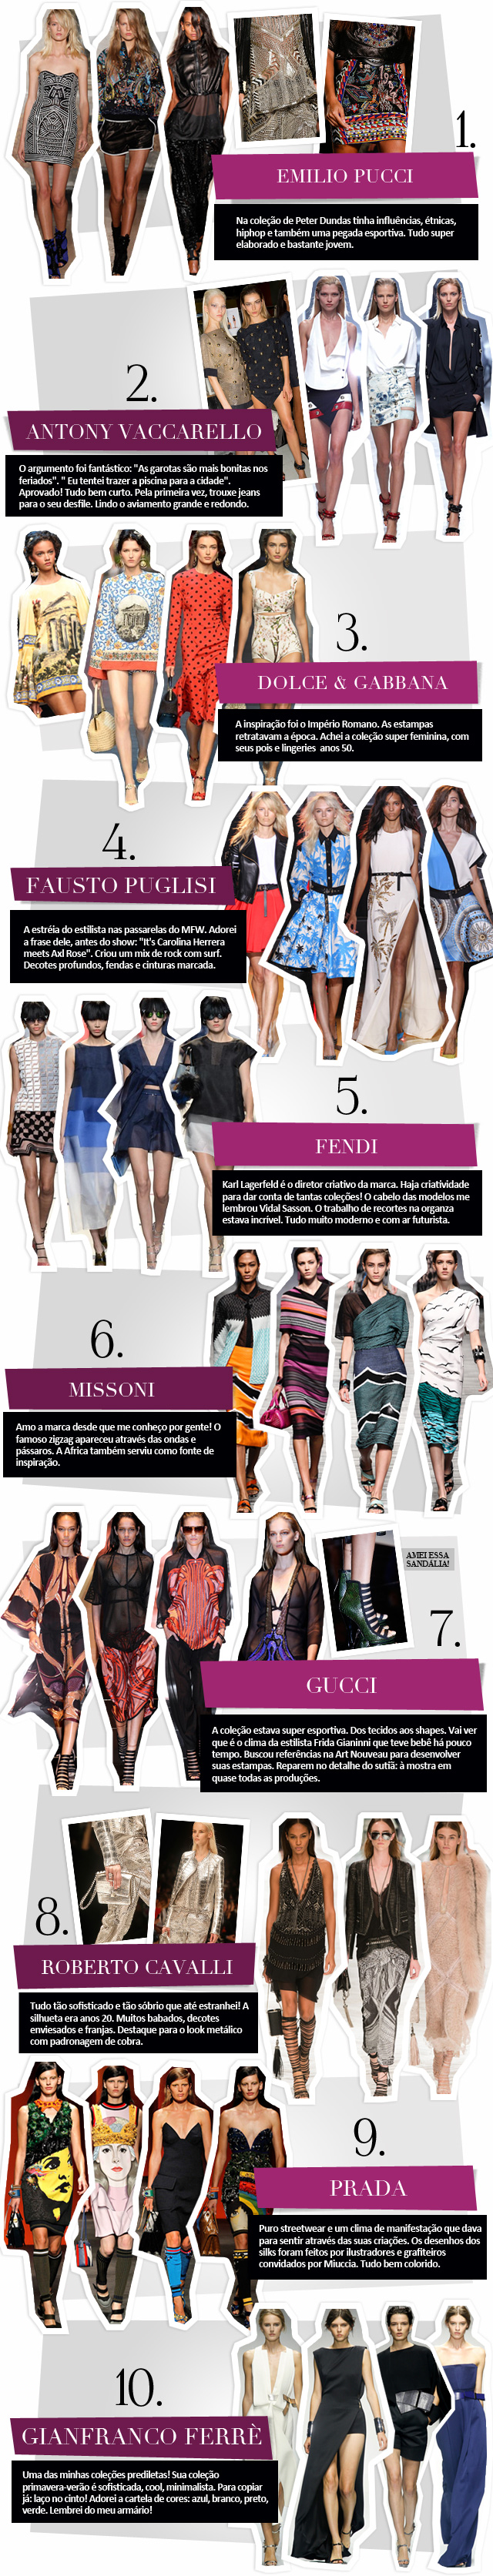 blog-da-alice-ferraz-o-melhor-da-milan-fashion-week